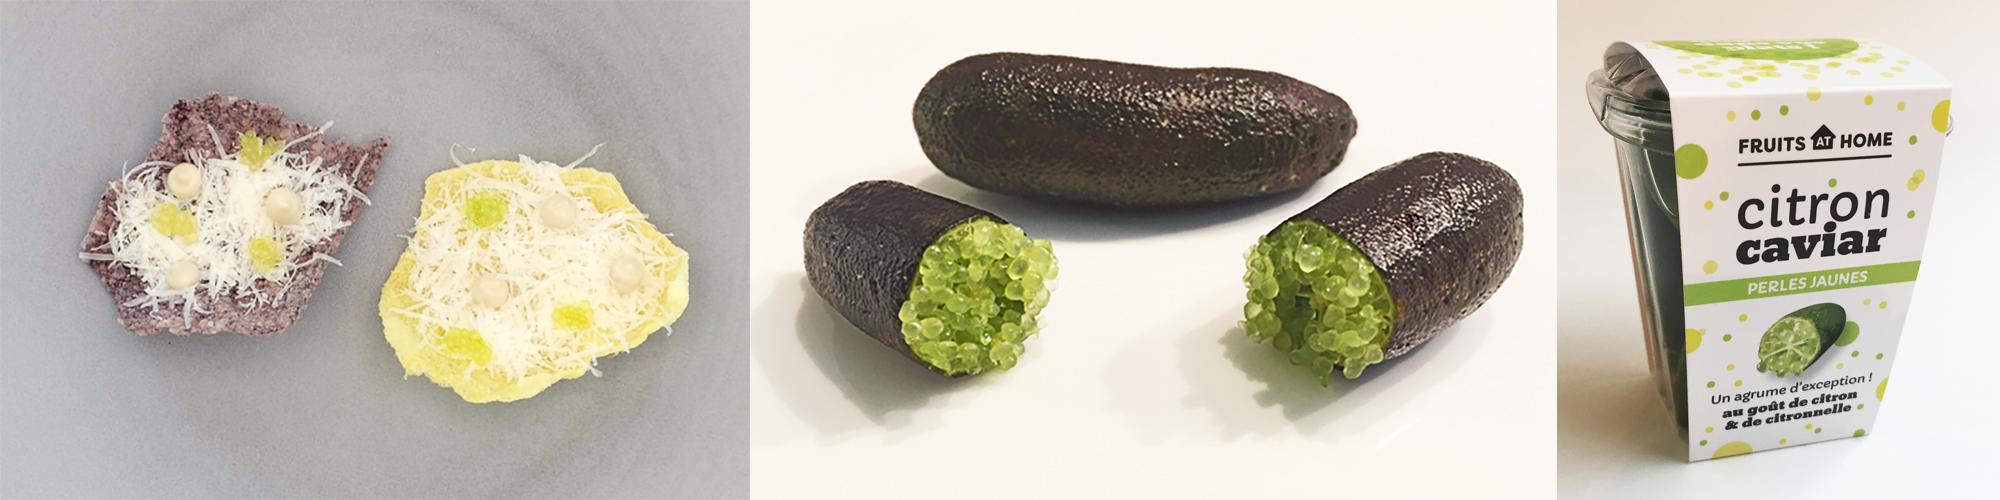 citron_caviar_recettes_chips_riz_souffles